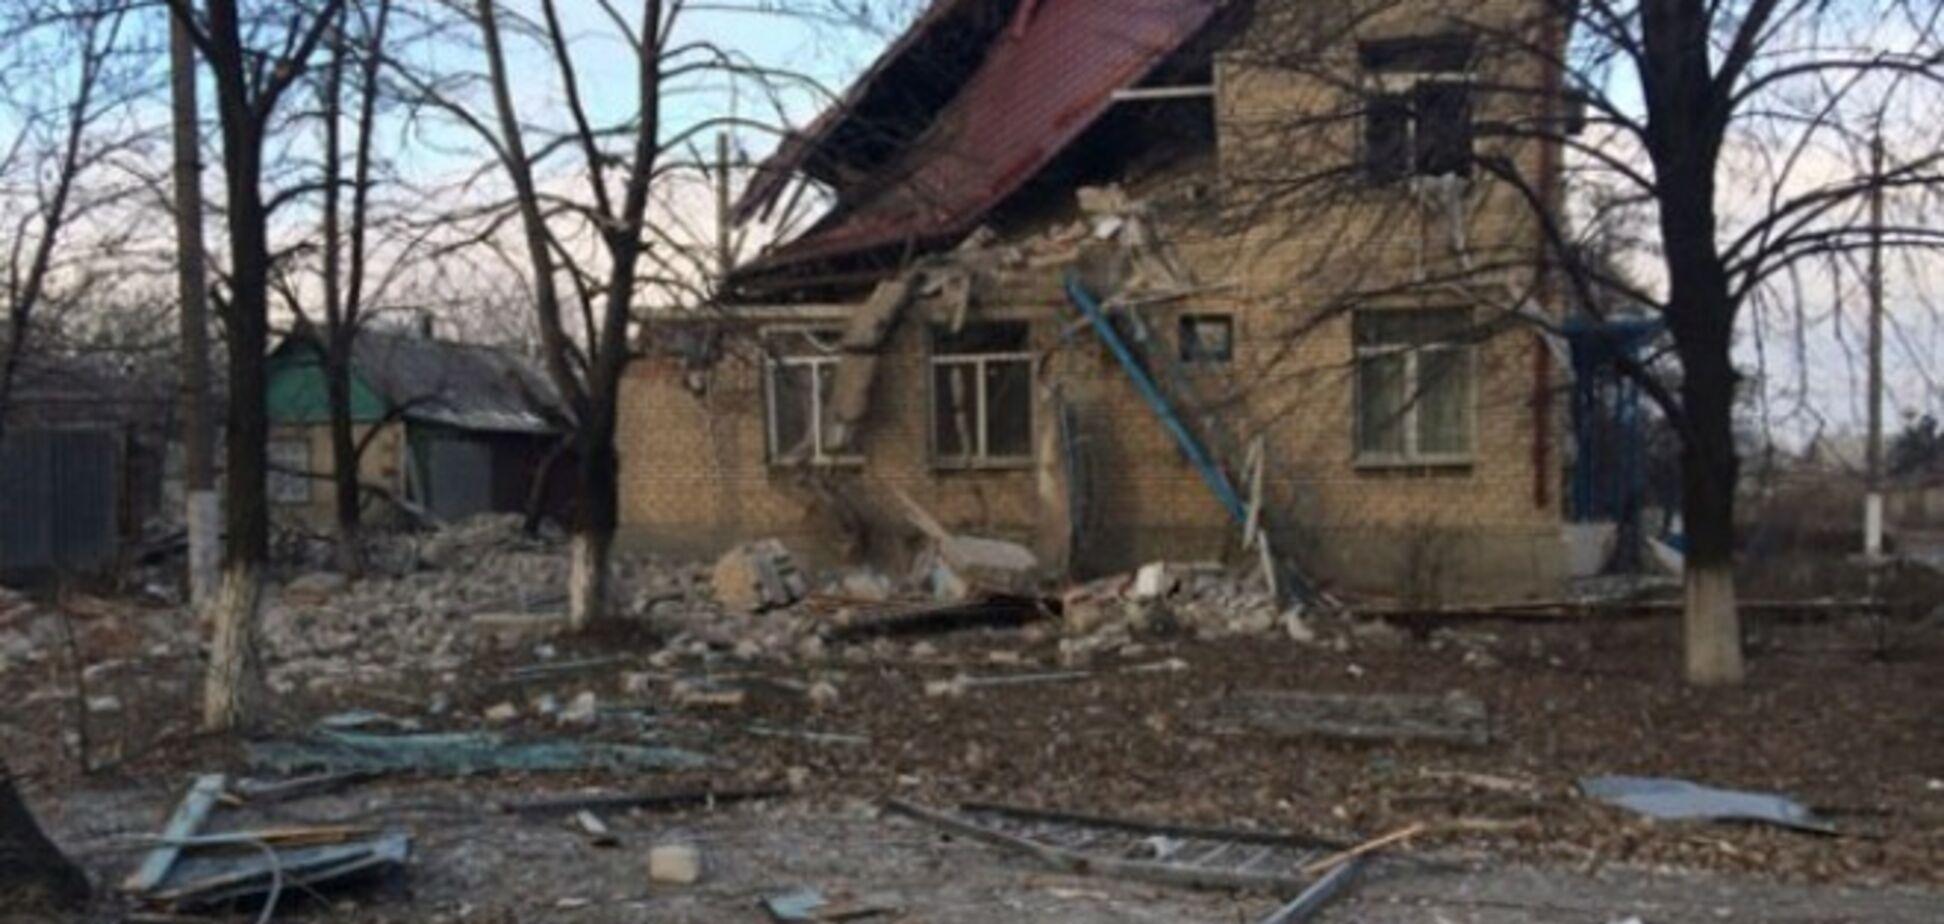 При артобстреле Дебальцево погиб мужчина. В городе нет света, воды и тепла